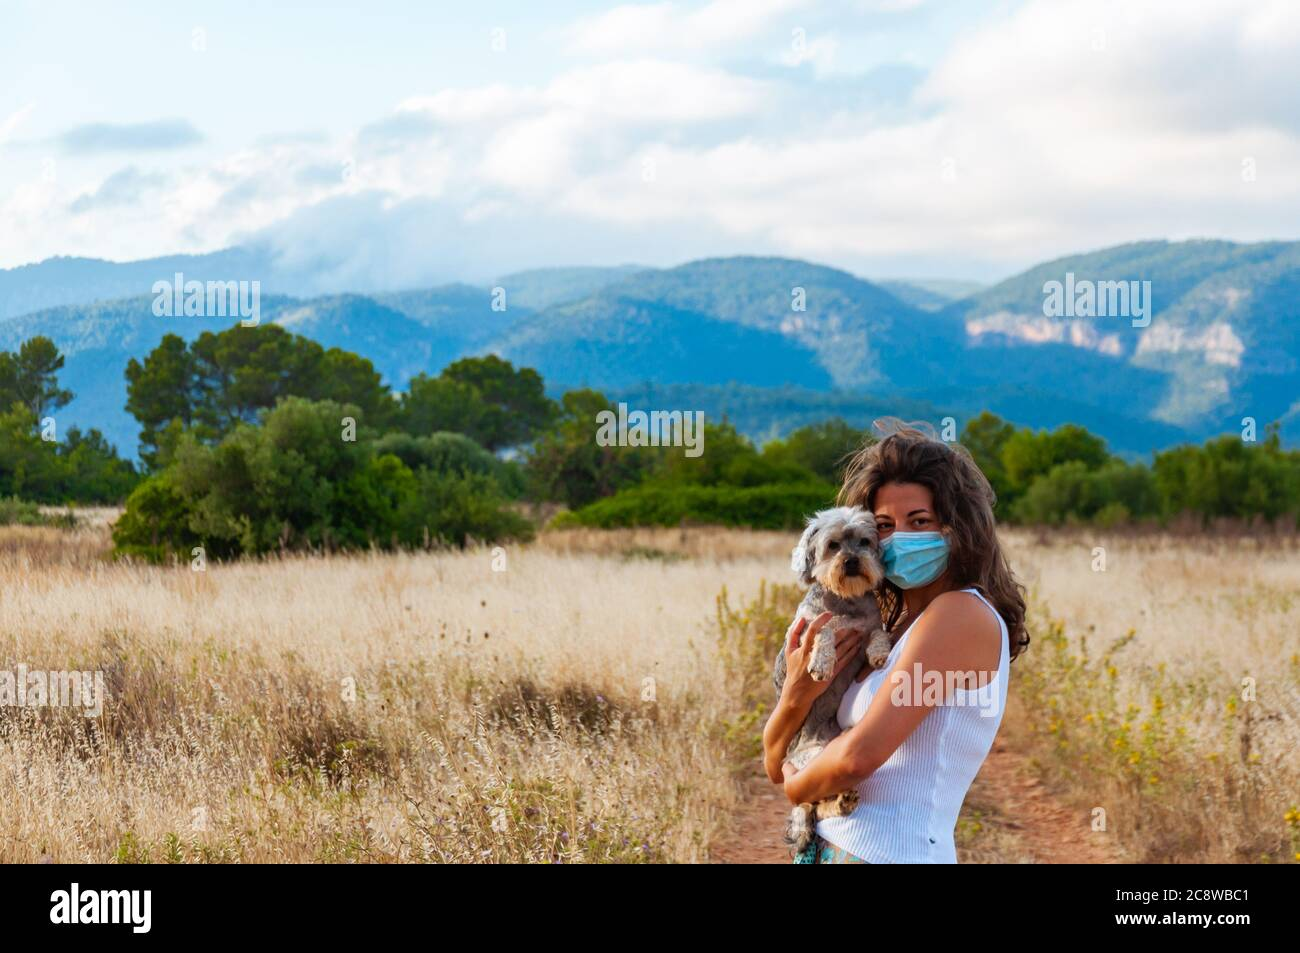 Junge Frau mit Gesichtsmaske in Begleitung ihres Hundes im Wald Stockfoto